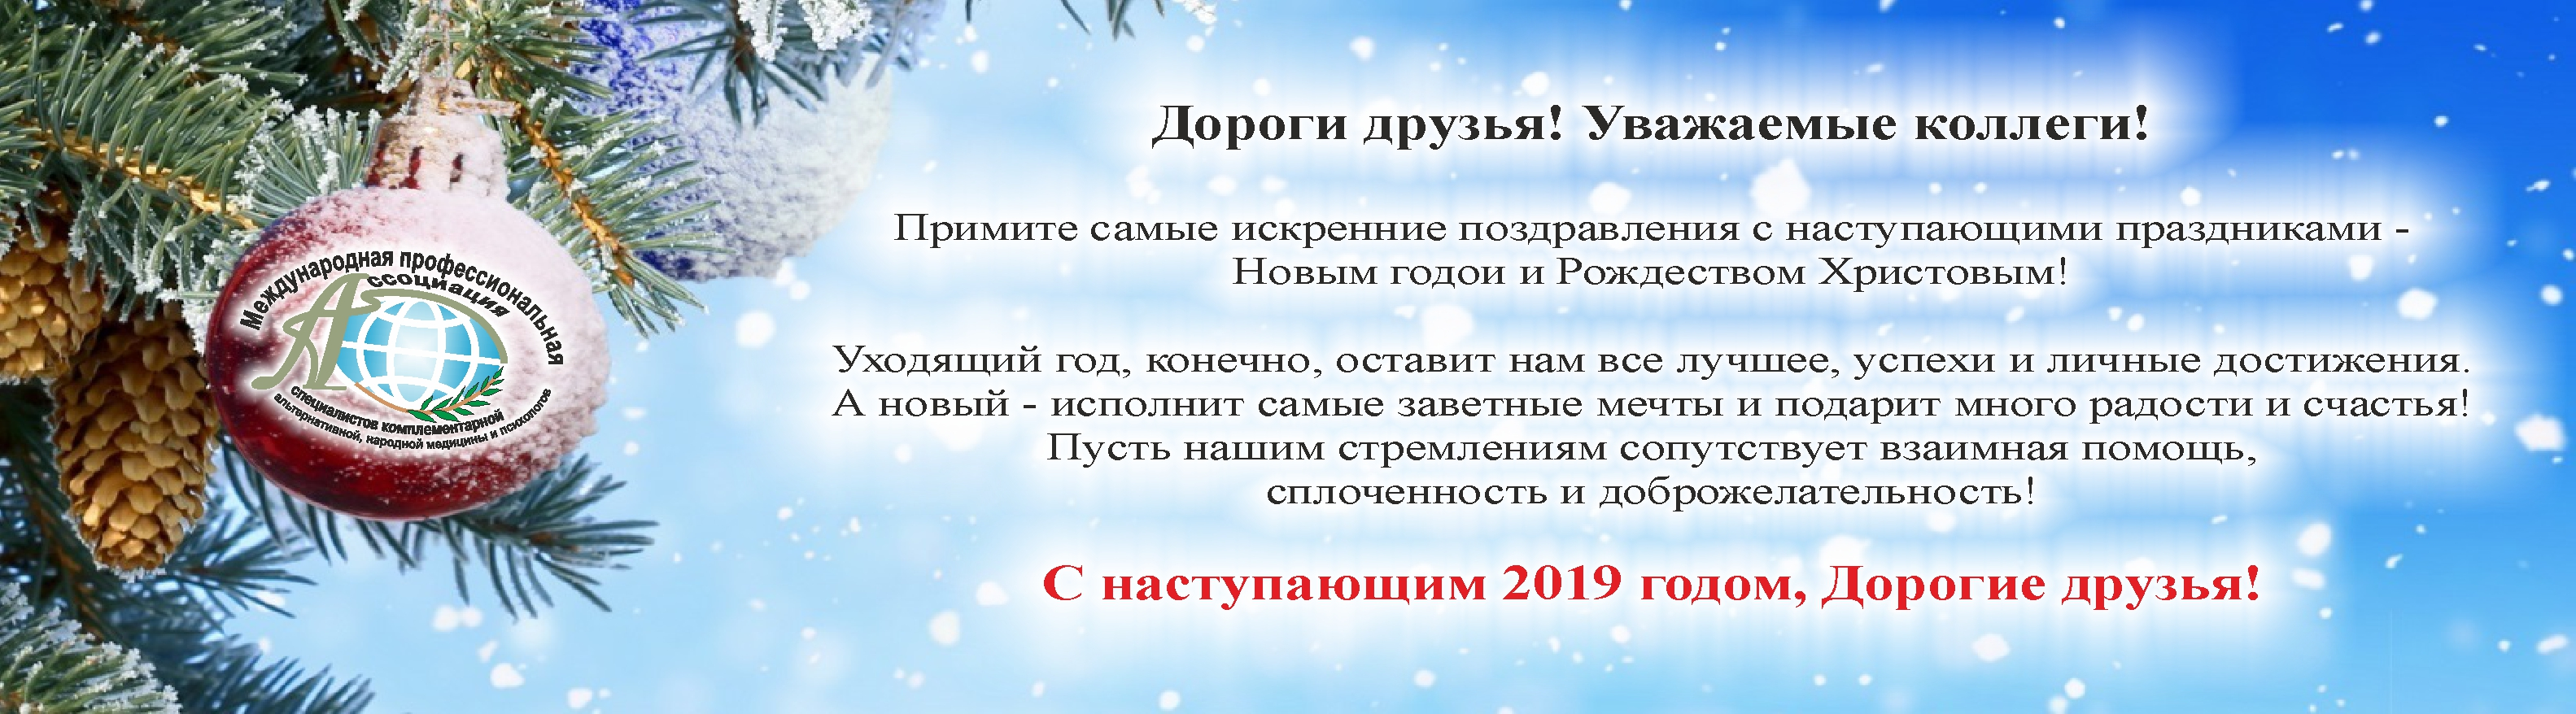 Сайта с новым годом - Для Сайта с новым годом